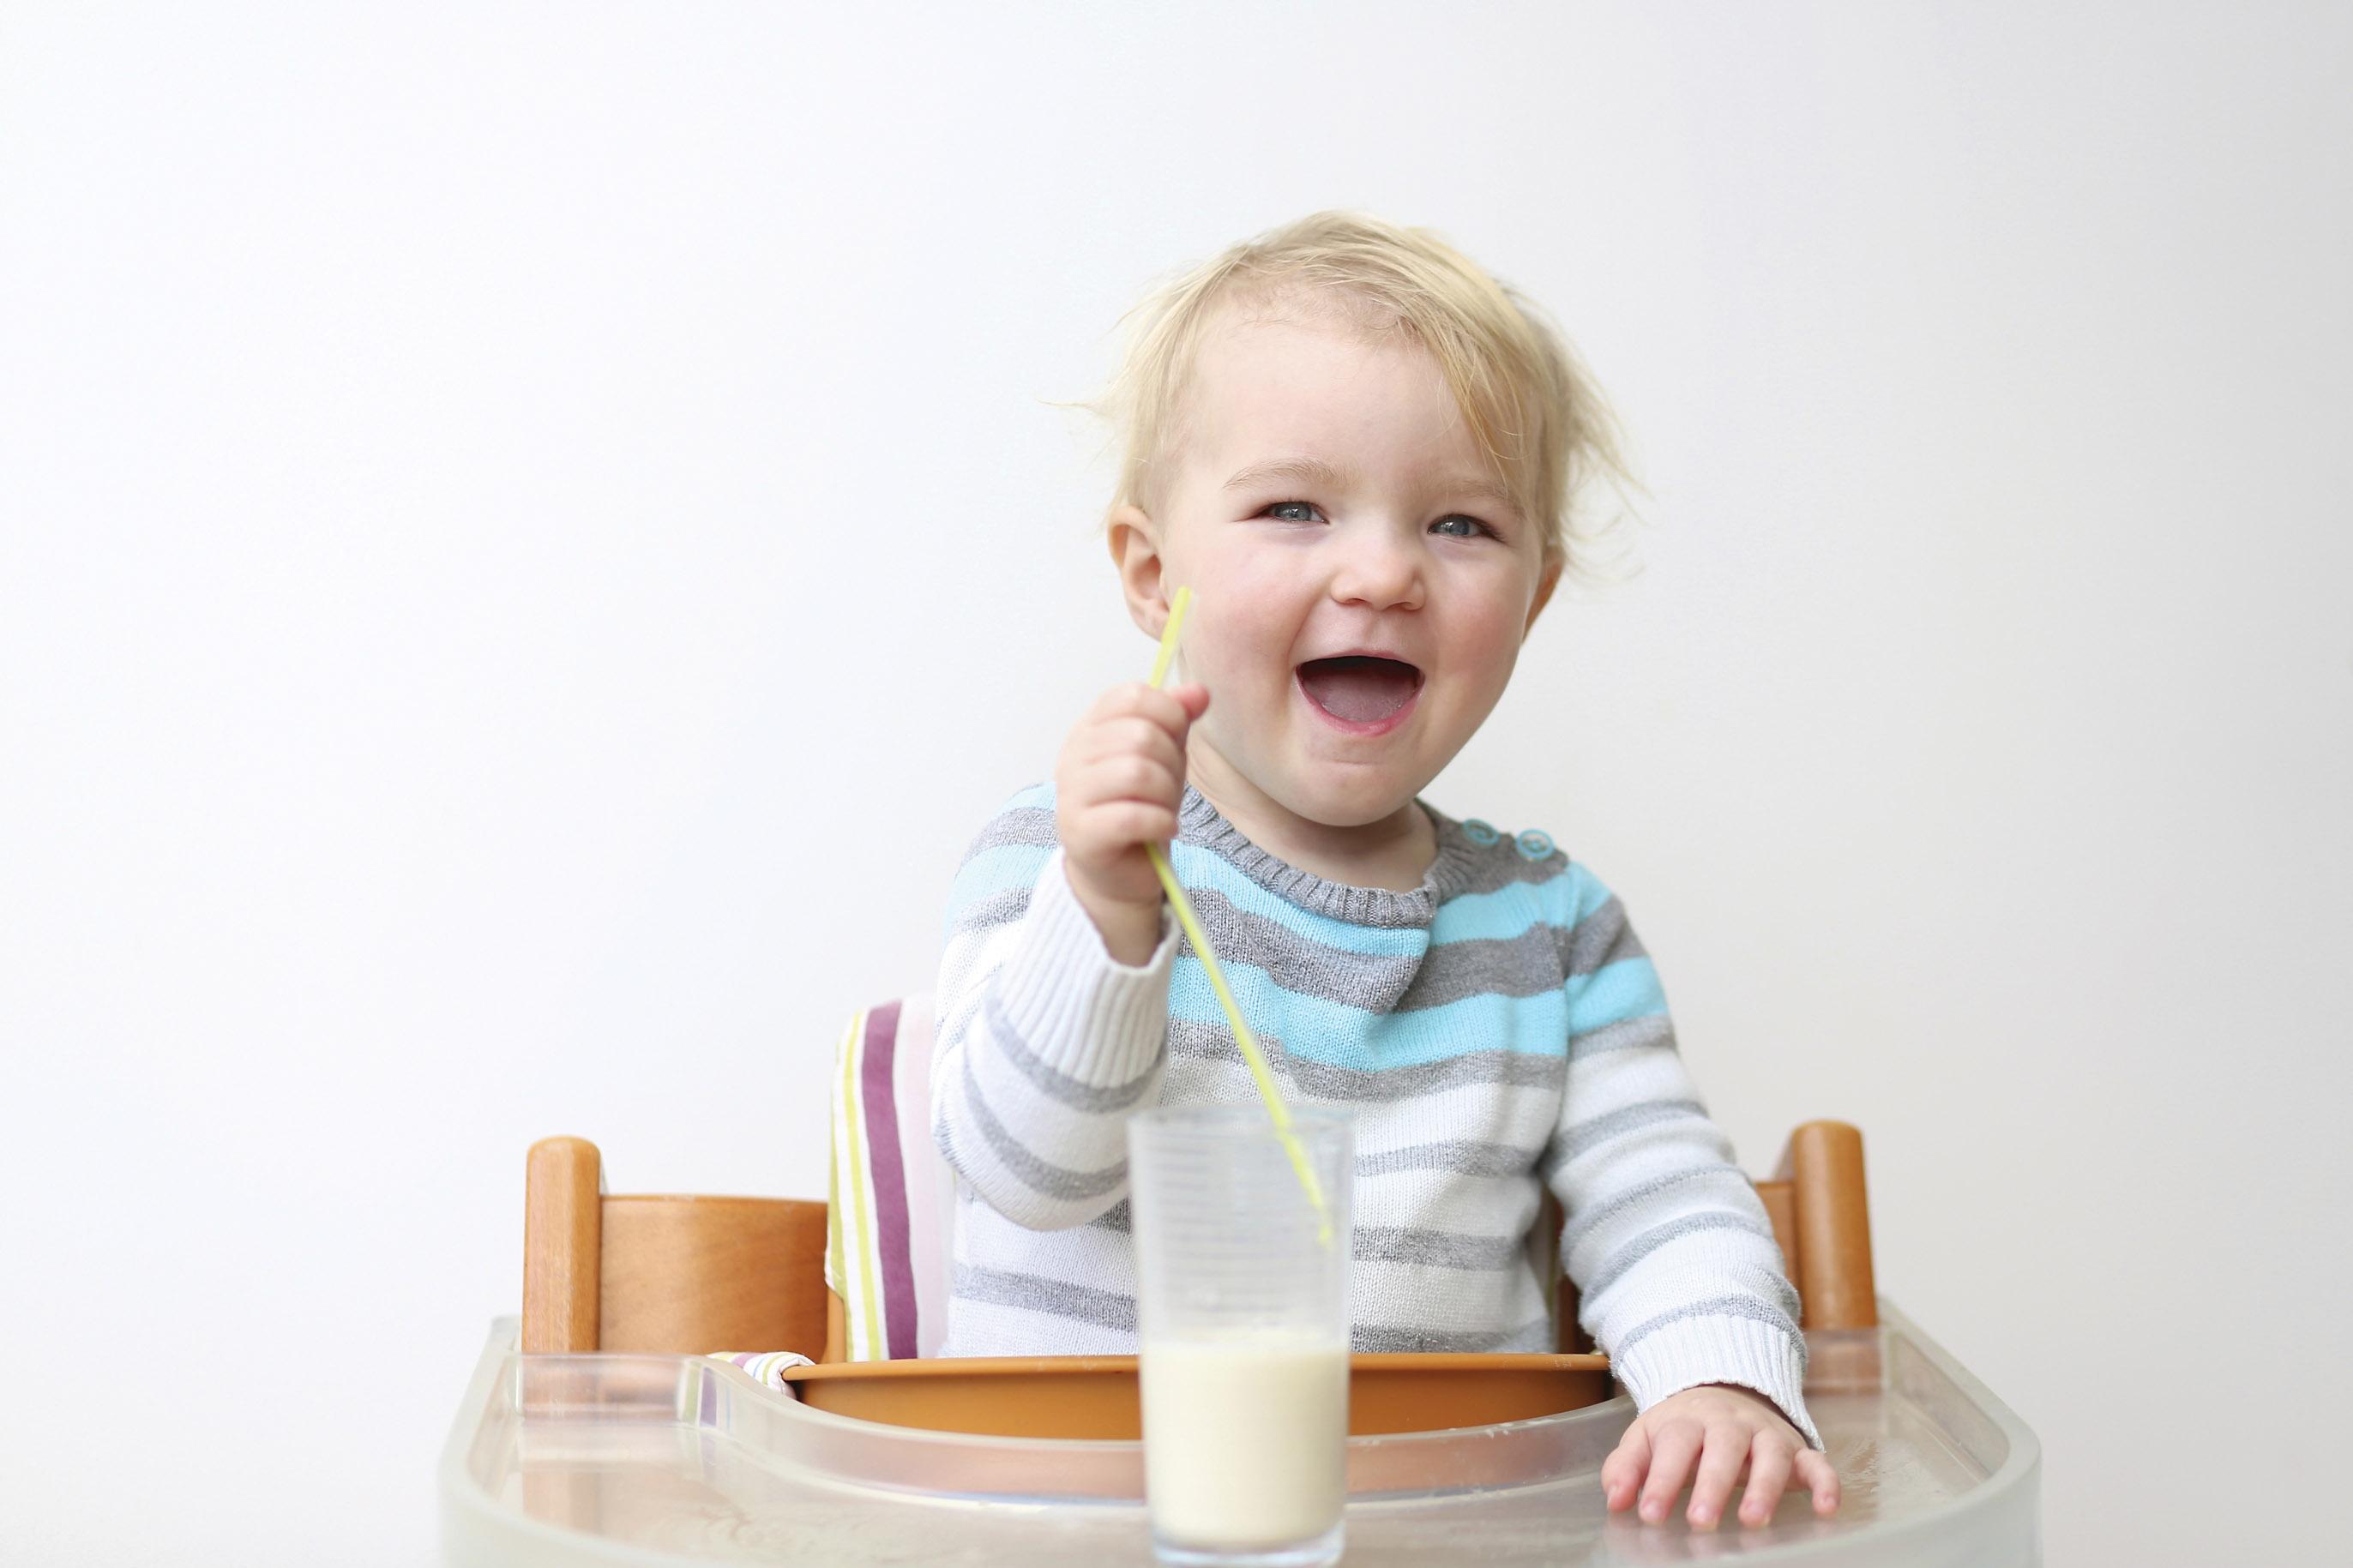 Mách mẹ chế độ dinh dưỡng cho bé biếng ăn chậm lớn